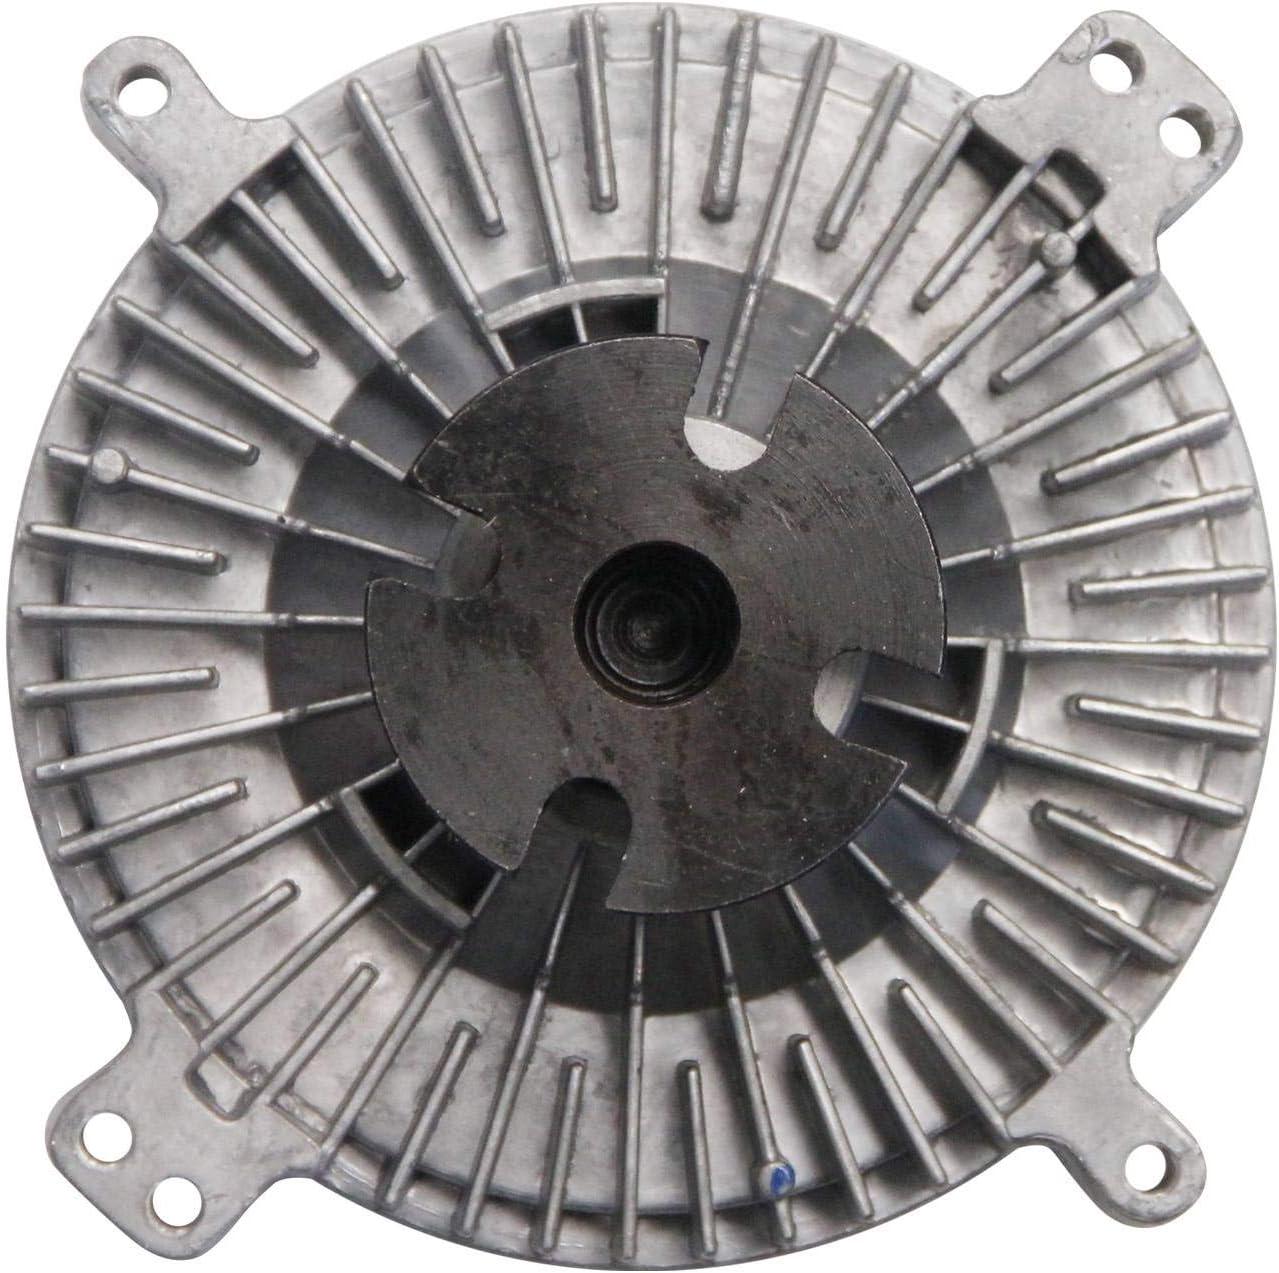 Acoplamiento ventilador para 1162000722 1162000822 1162001122 a1162000722 a1162000822